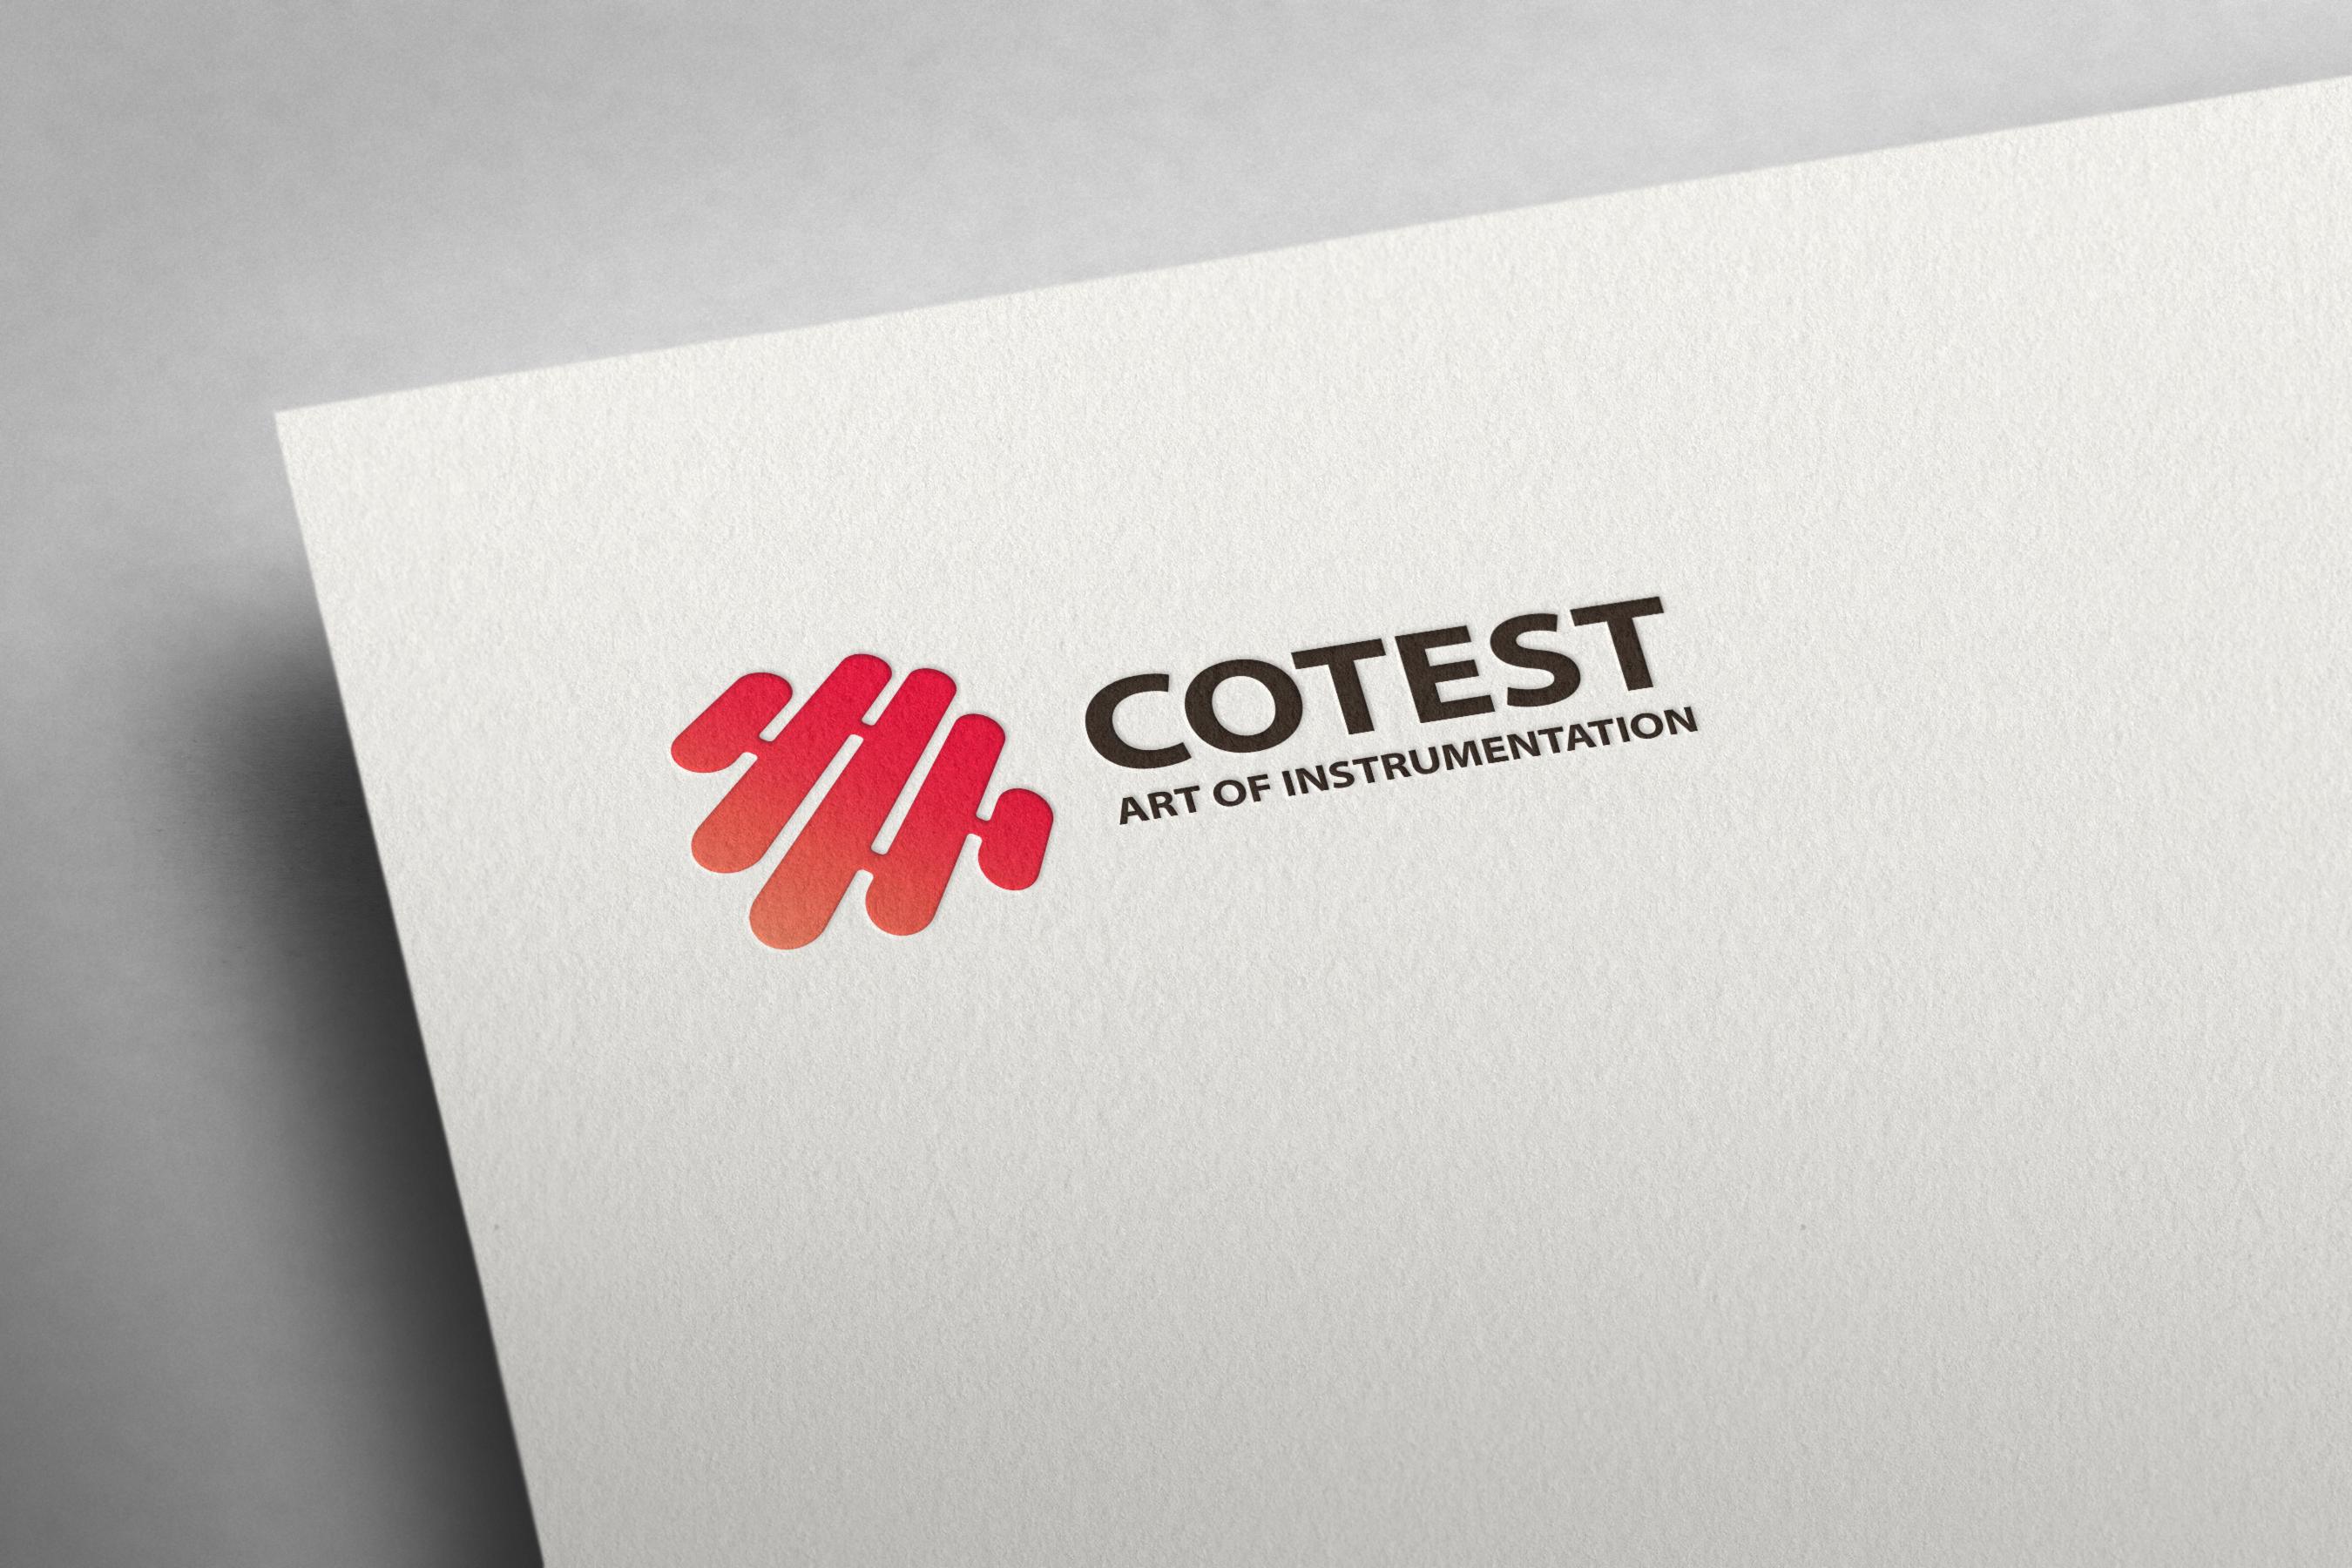 高端定制设计公司logo品牌logo设计图文原创标志商标